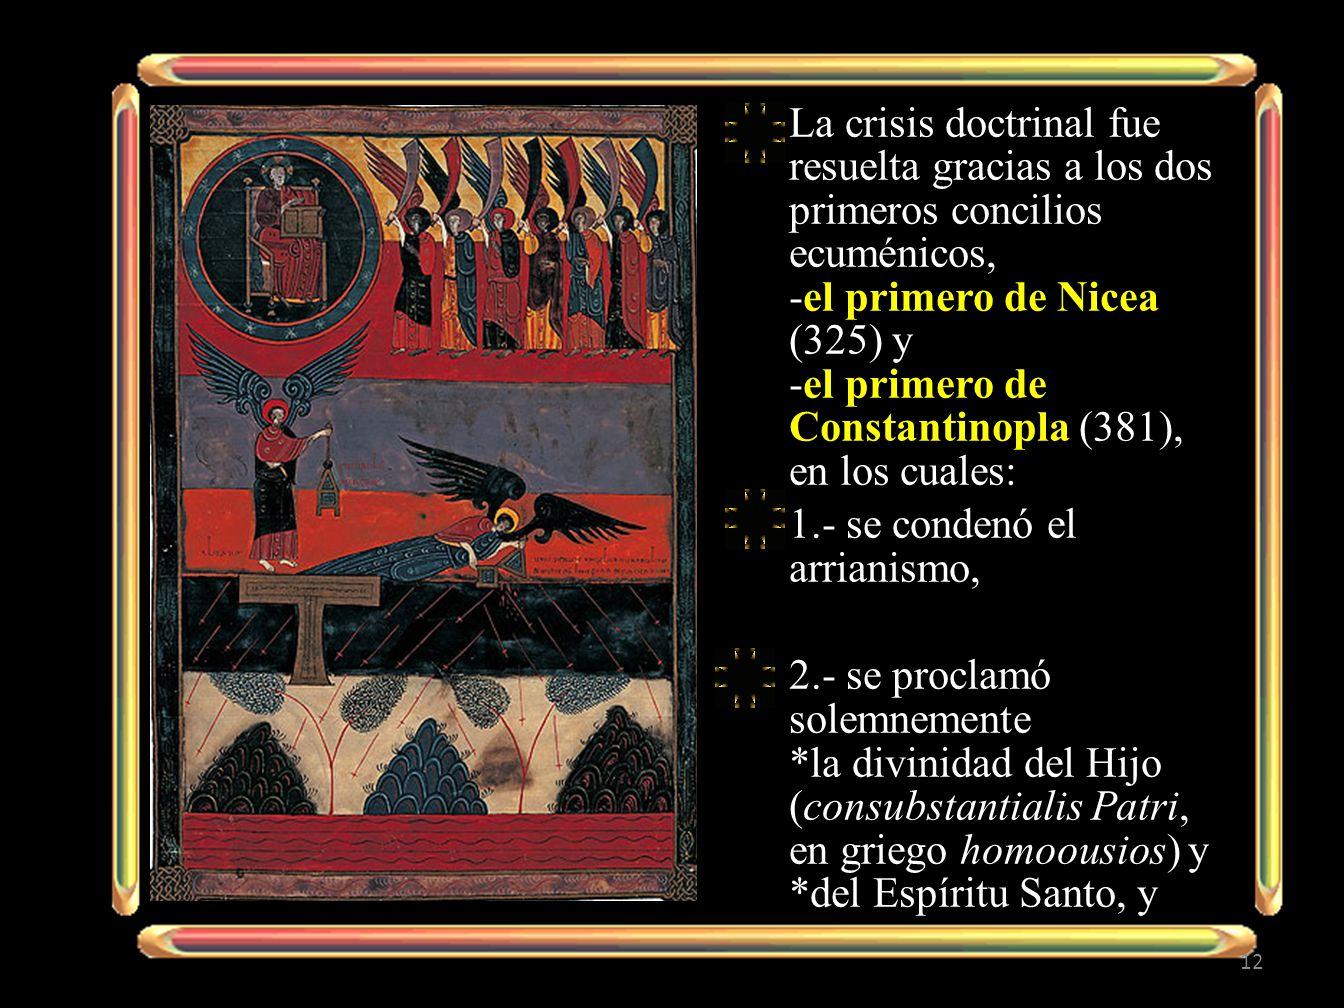 La crisis doctrinal fue resuelta gracias a los dos primeros concilios ecuménicos, -el primero de Nicea (325) y -el primero de Constantinopla (381), en los cuales: